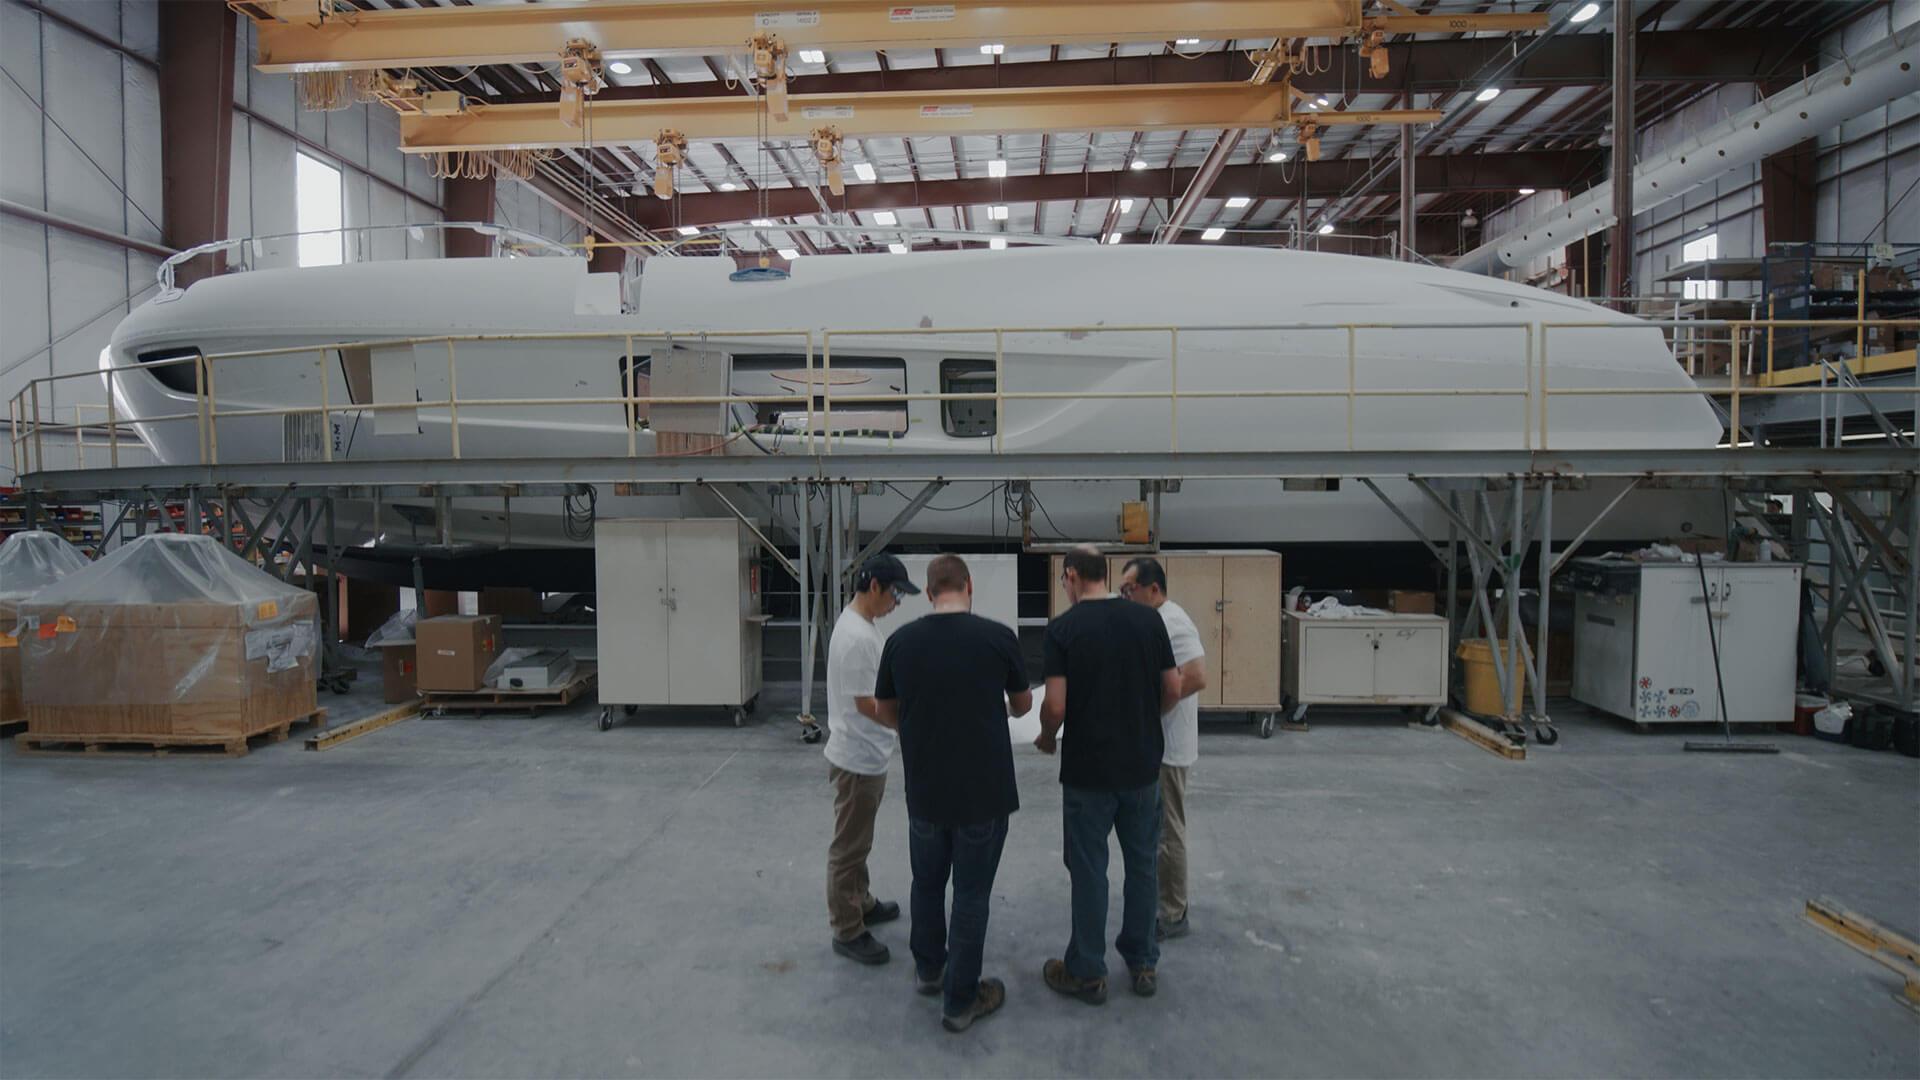 2020 lexus news yacht ly 650 teaser